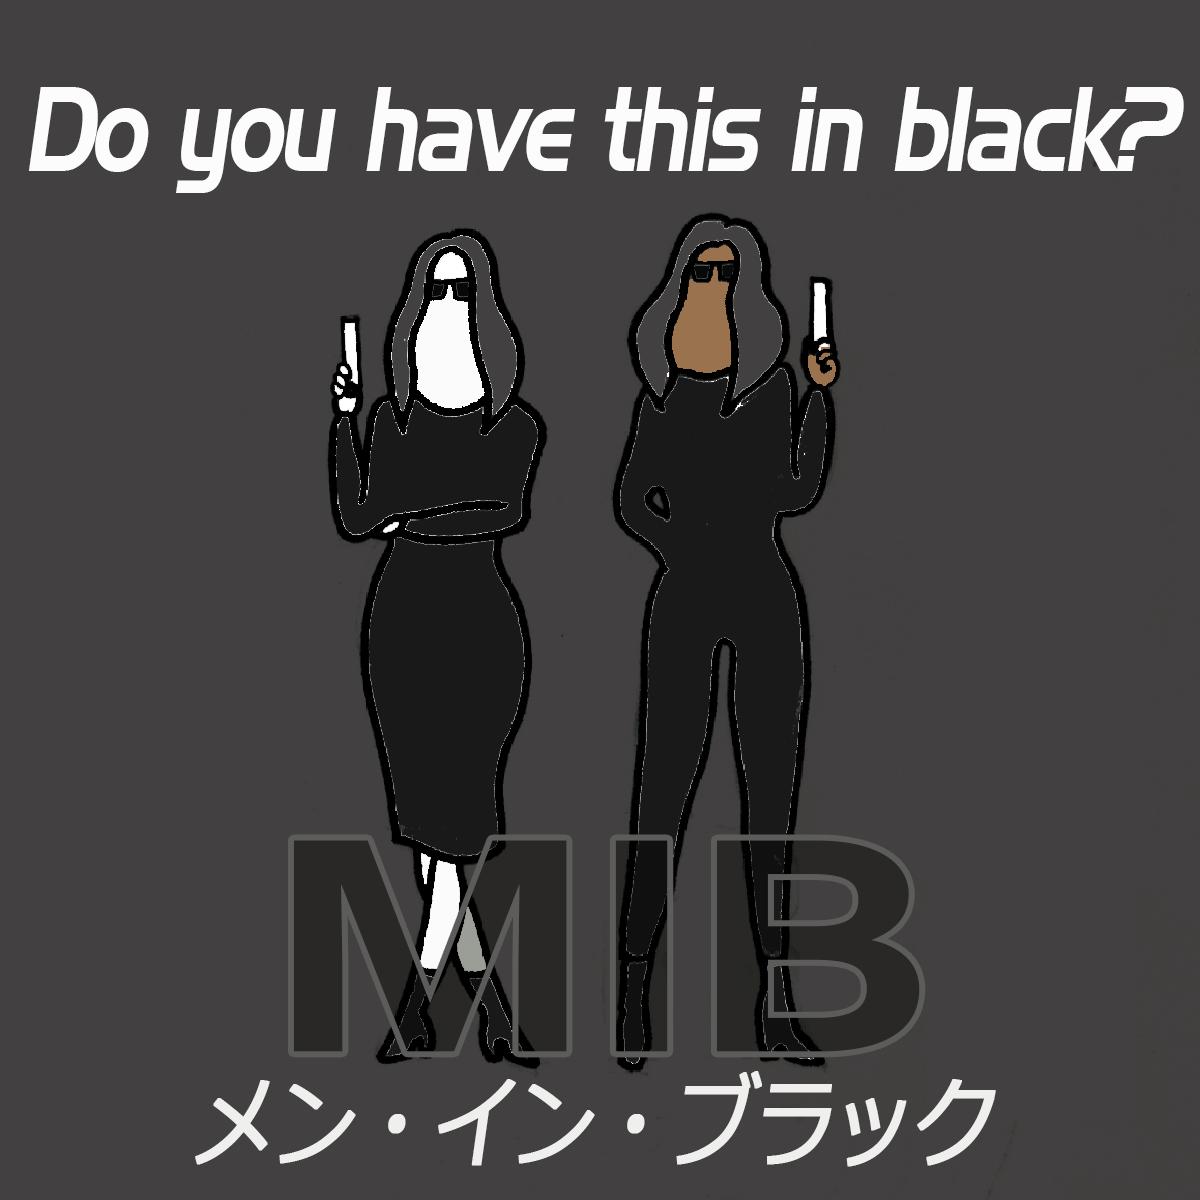 「メン・イン・ブラック」から学ぶ<br>Do you have this in black?